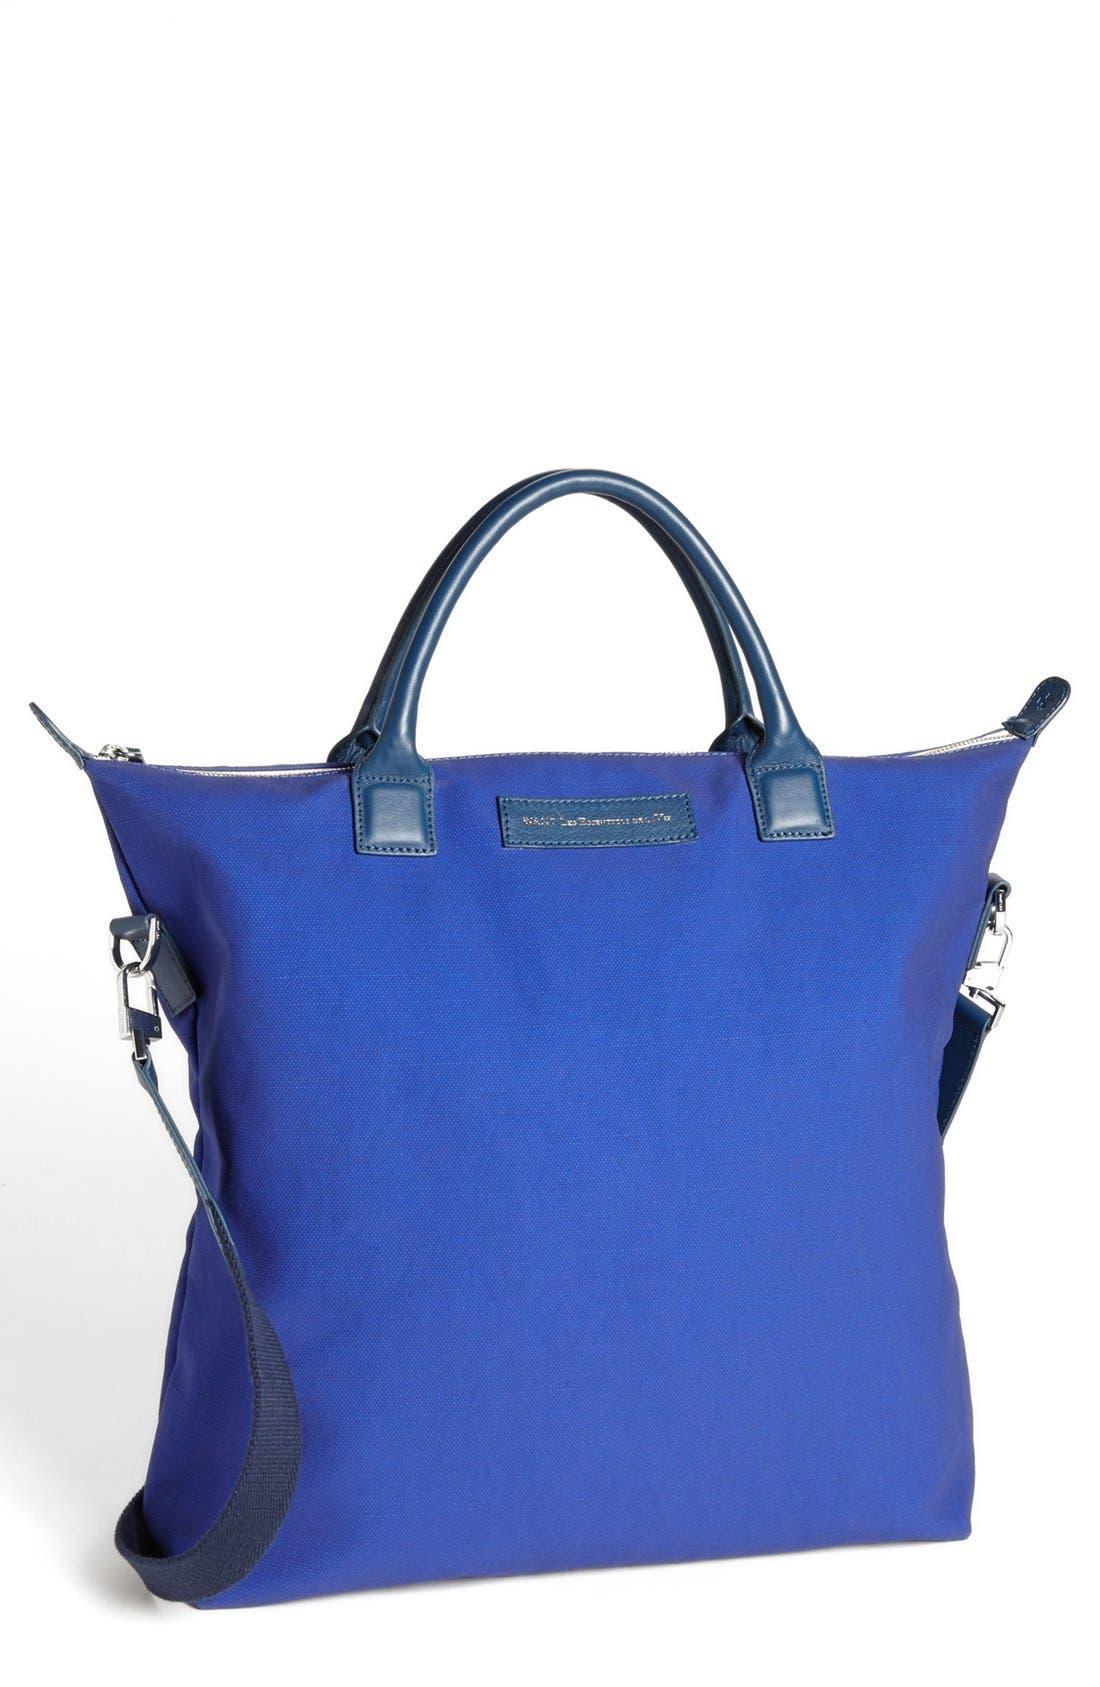 Alternate Image 1 Selected - WANT Les Essentiels de la Vie 'O'Hare' Tote Bag